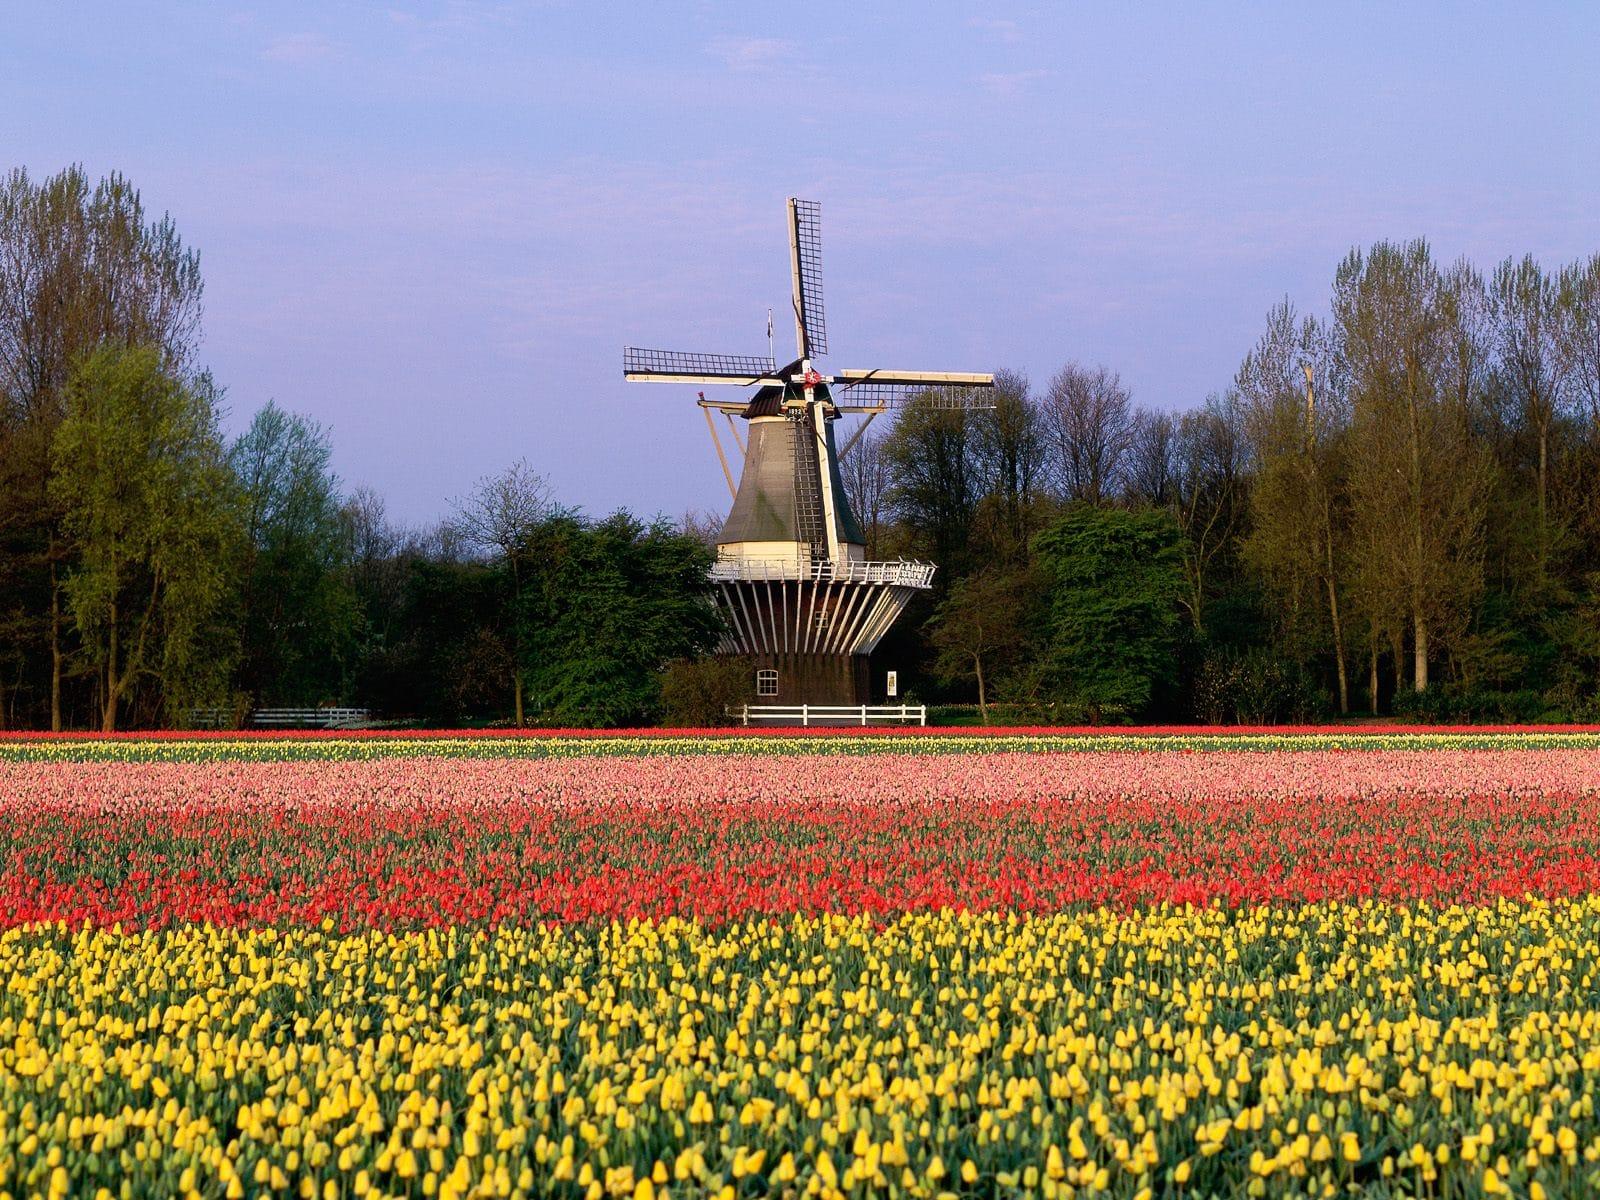 7 milioane de bulbi de flori sunt plantați în fiecare an